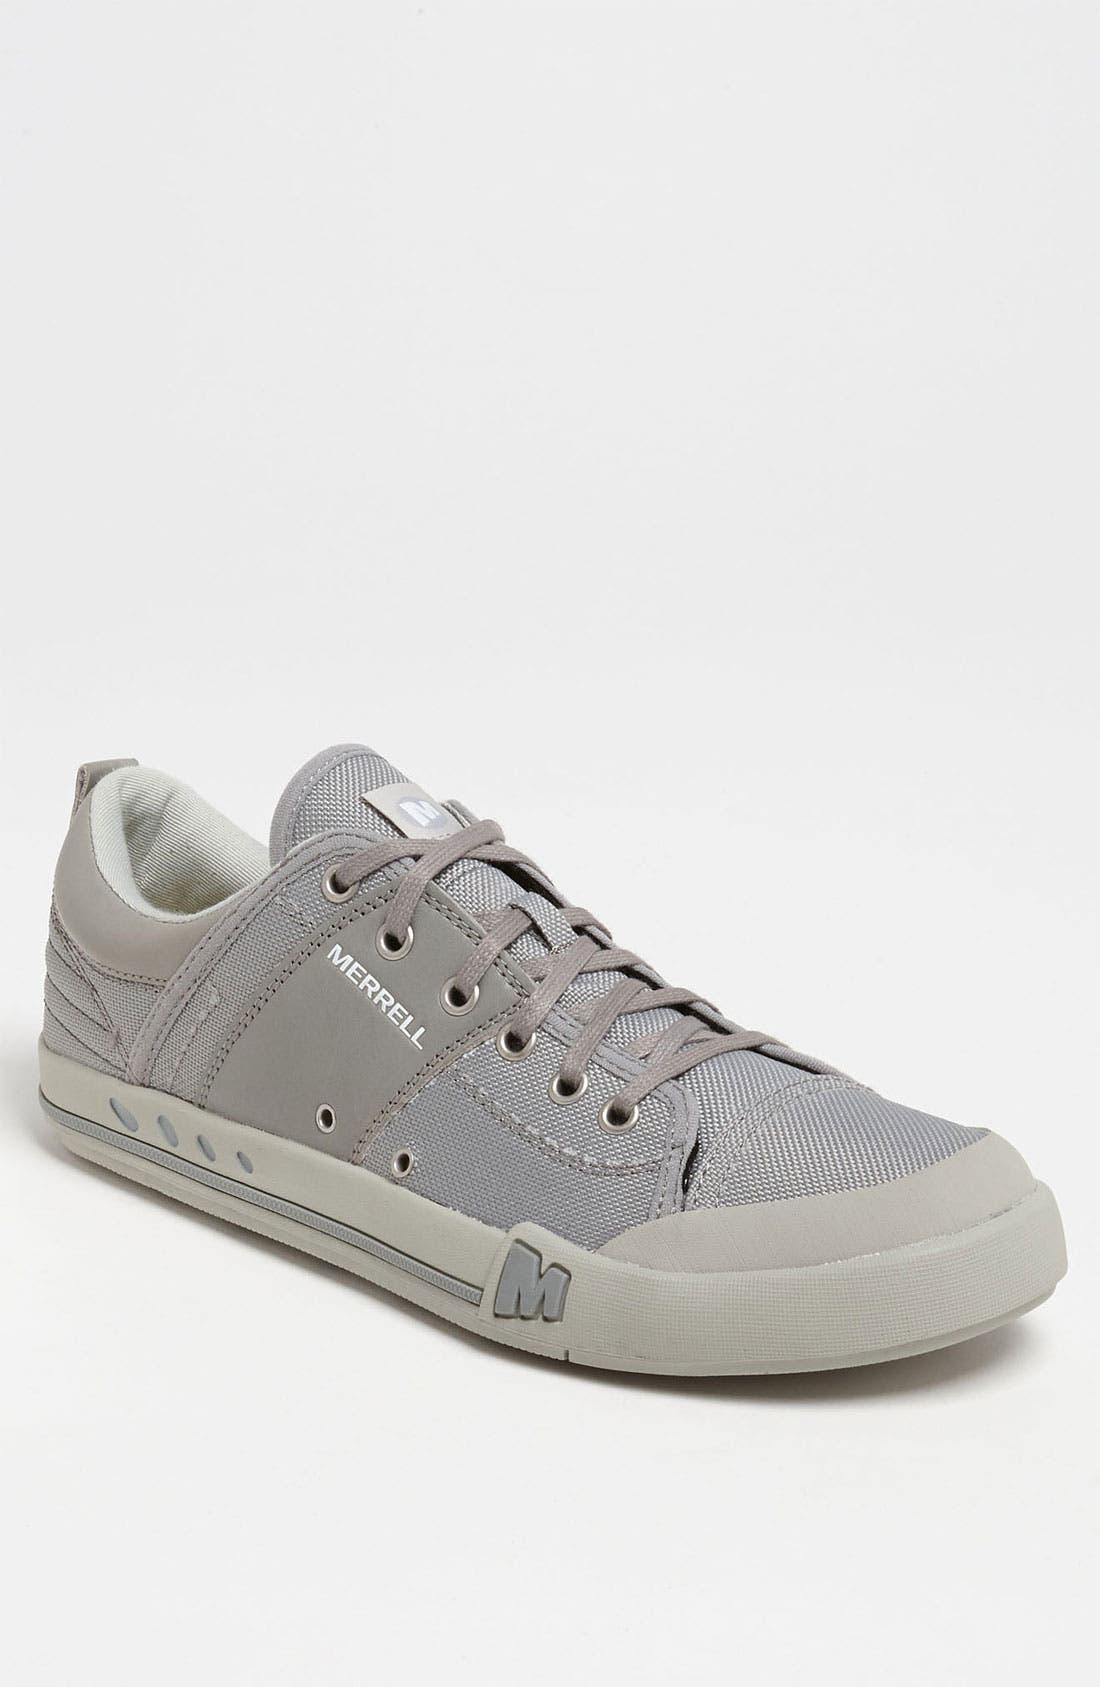 Alternate Image 1 Selected - Merrell 'Rant' Sneaker